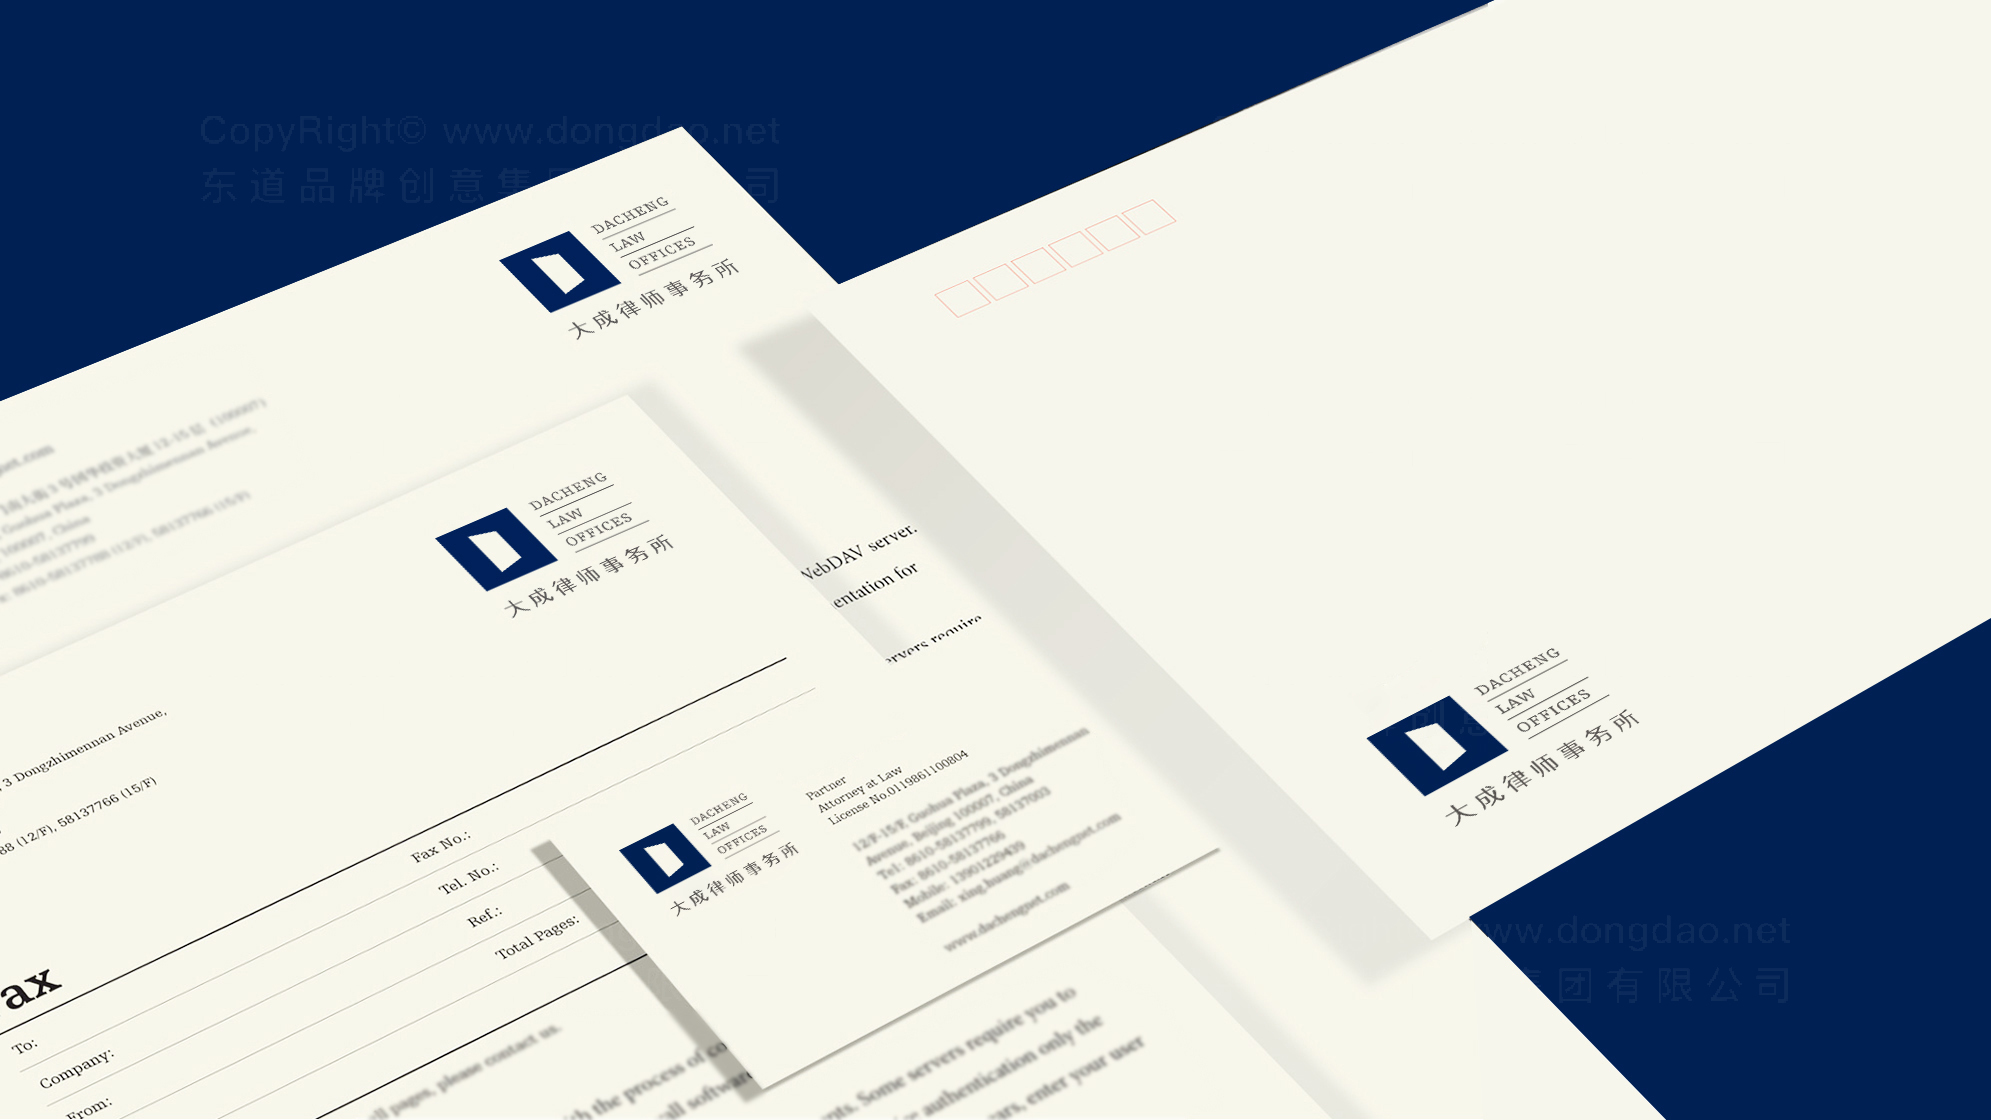 品牌设计大成律师事务所标志设计应用场景_4